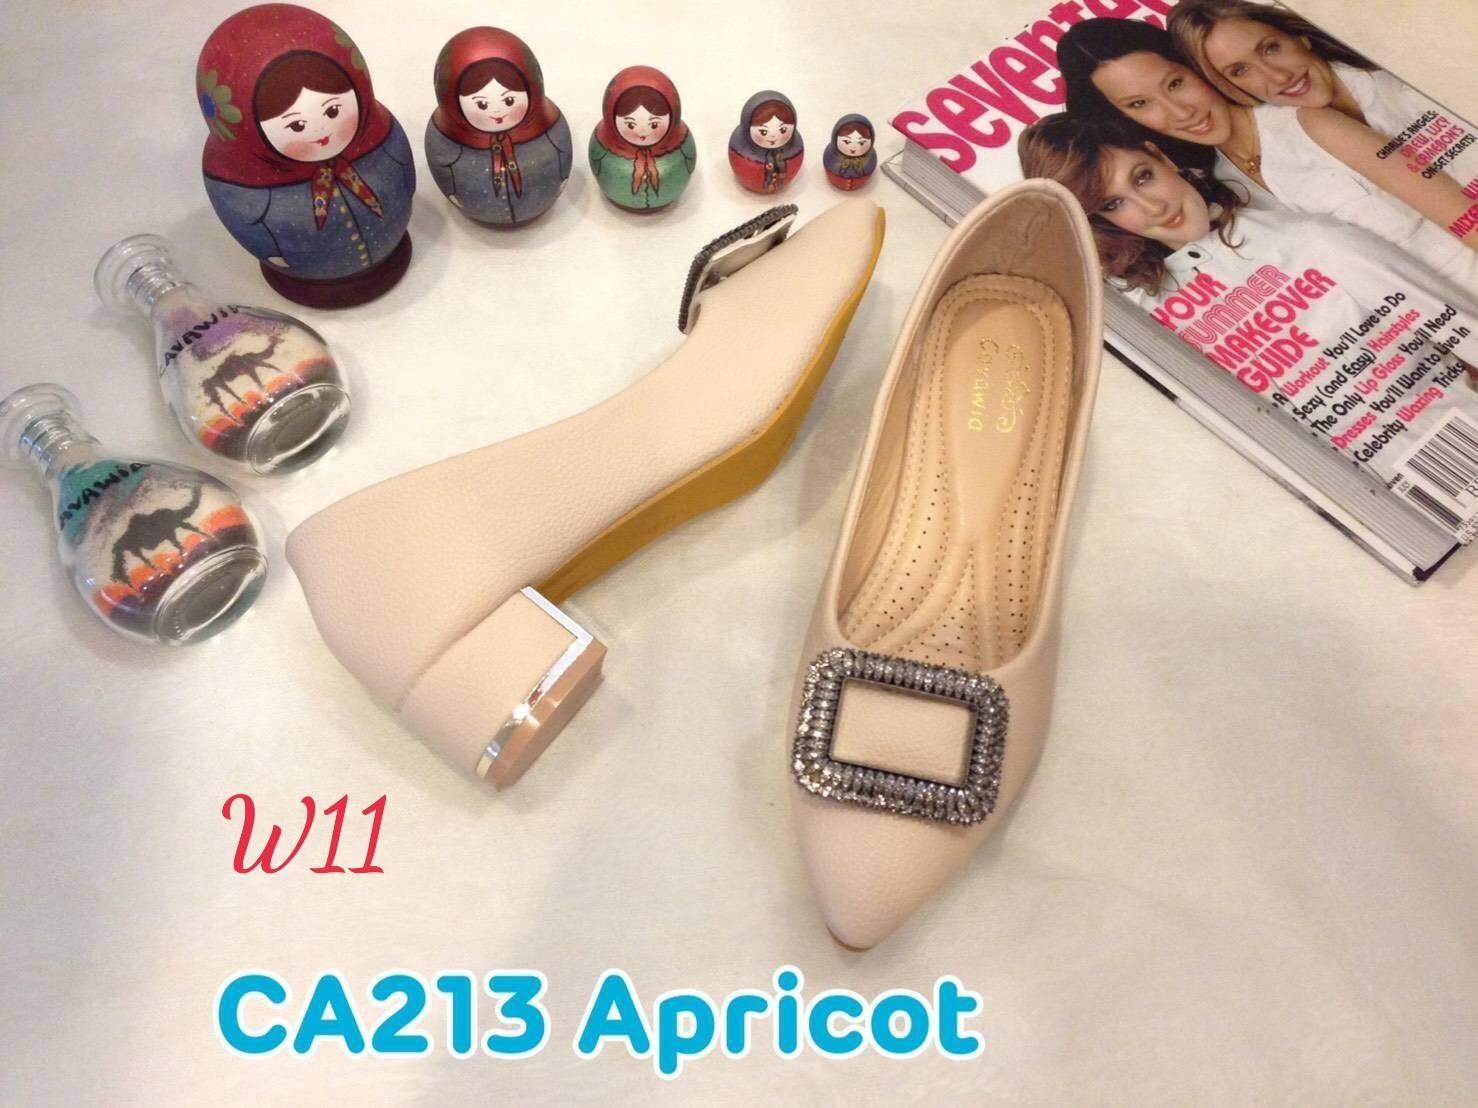 รองเท้าคัทชู ส้นเตี้ย แต่งอะไหล่เพชรสวยหรู หนังนิ่ม ทรงสวย ส้นสูงประมาณ 2 นิ้ว ใส่สบาย แมทสวยได้ทุกชุด (CA213)